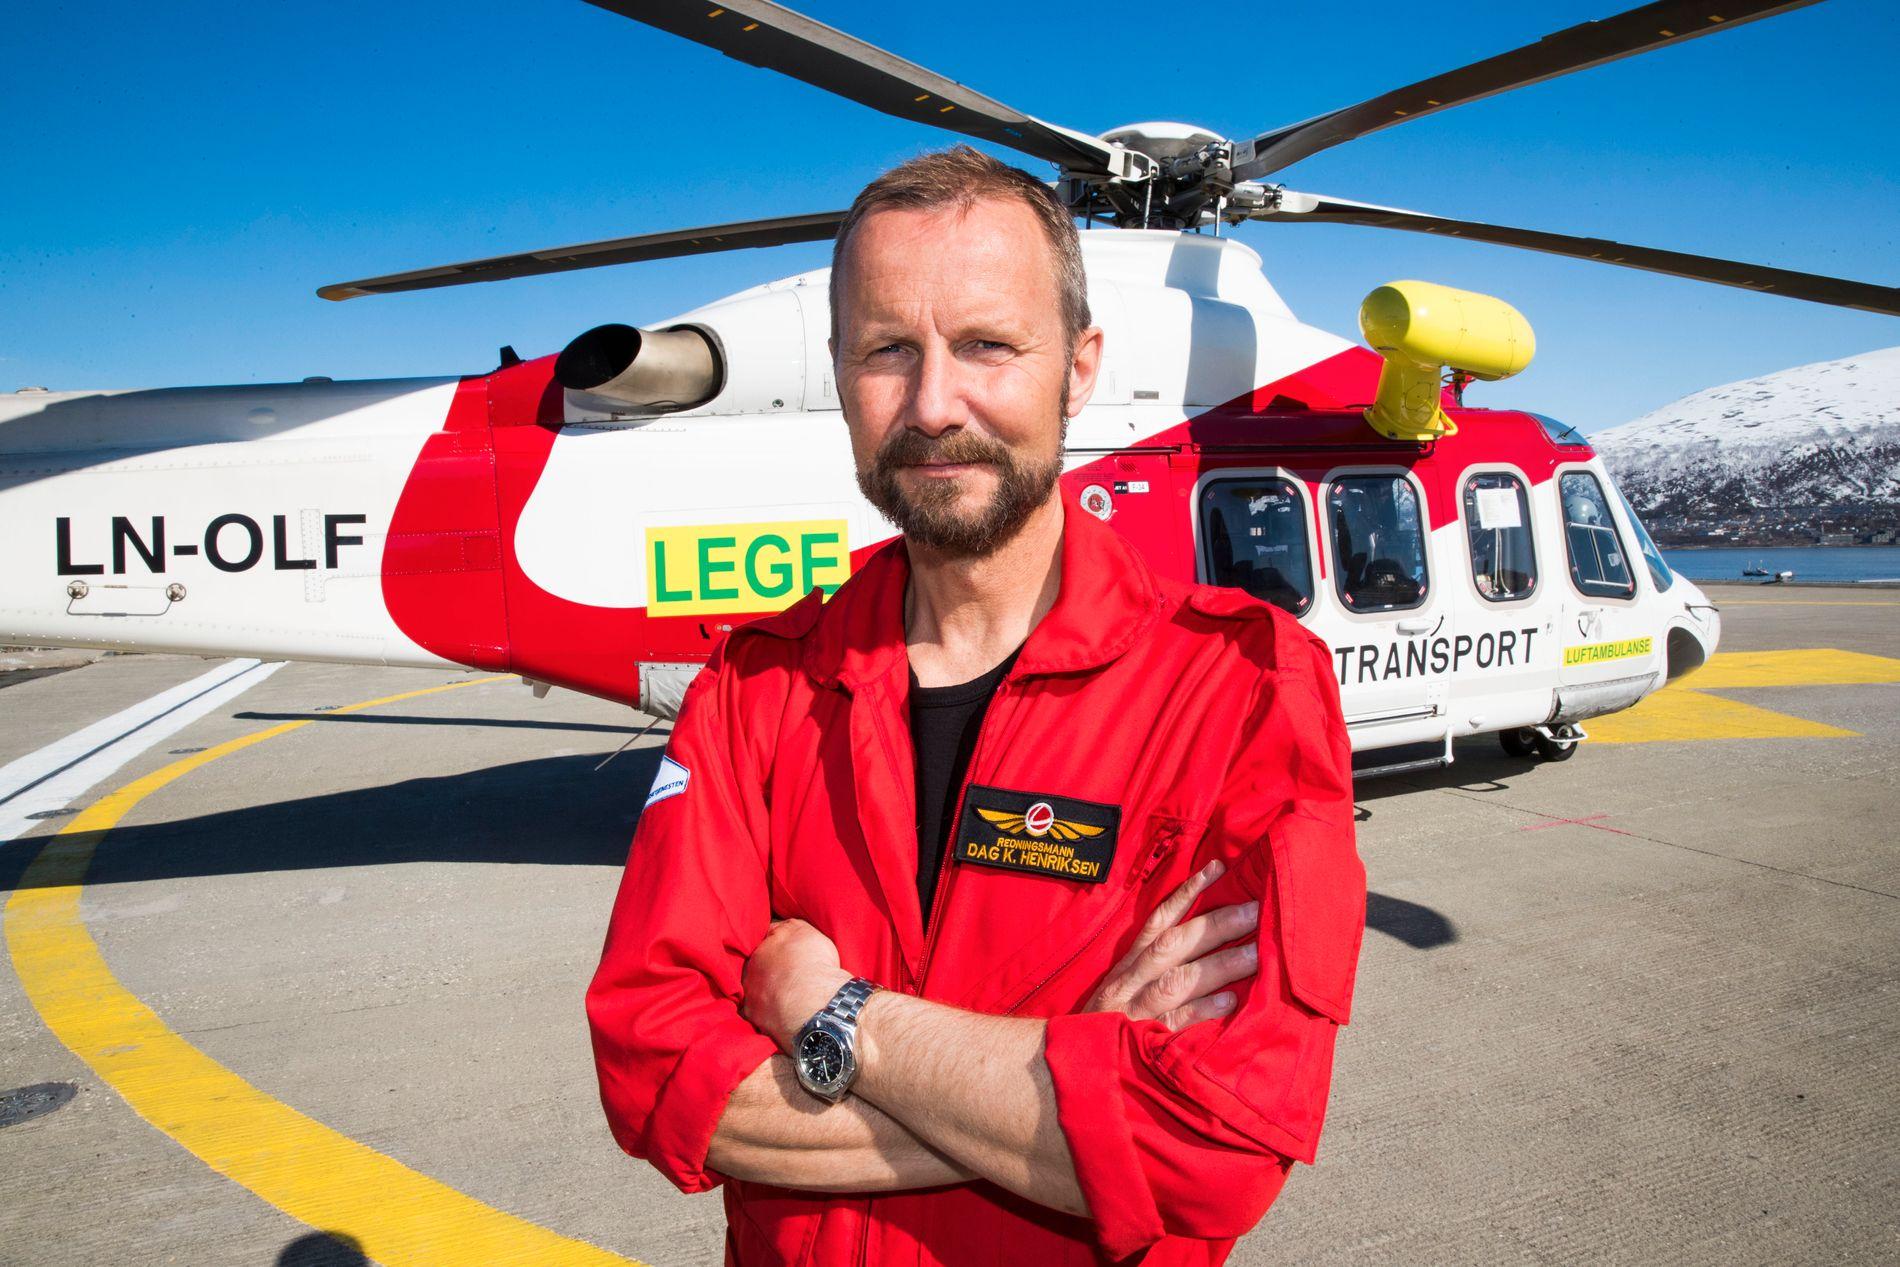 FRUSTRERT: Redningsmann Dag K. Henriksen er ikke fornøyd med anbudsprosessen i ambulansehelikopter-tjenesten.